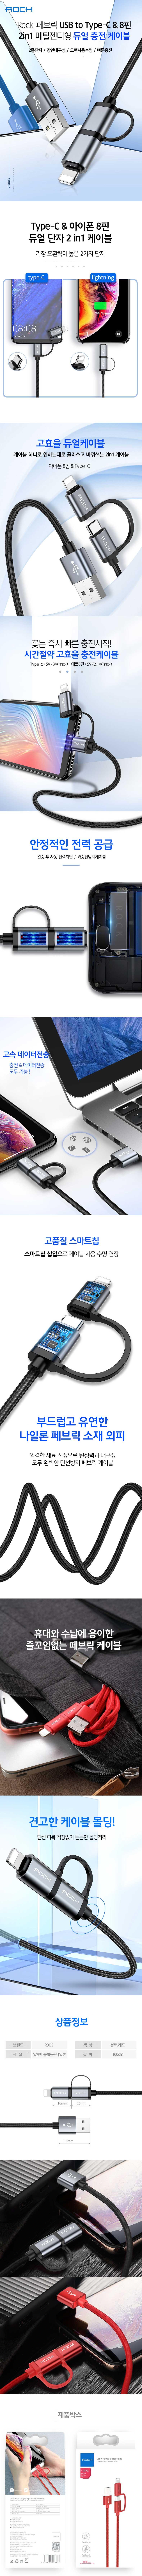 Rock 페브릭 USB to Type-C 8핀 2in1 메탈젠더형 듀얼 충전 케이블 1M 아이폰 고속충전 단선방지 - 락, 9,900원, 케이블, 멀티케이블